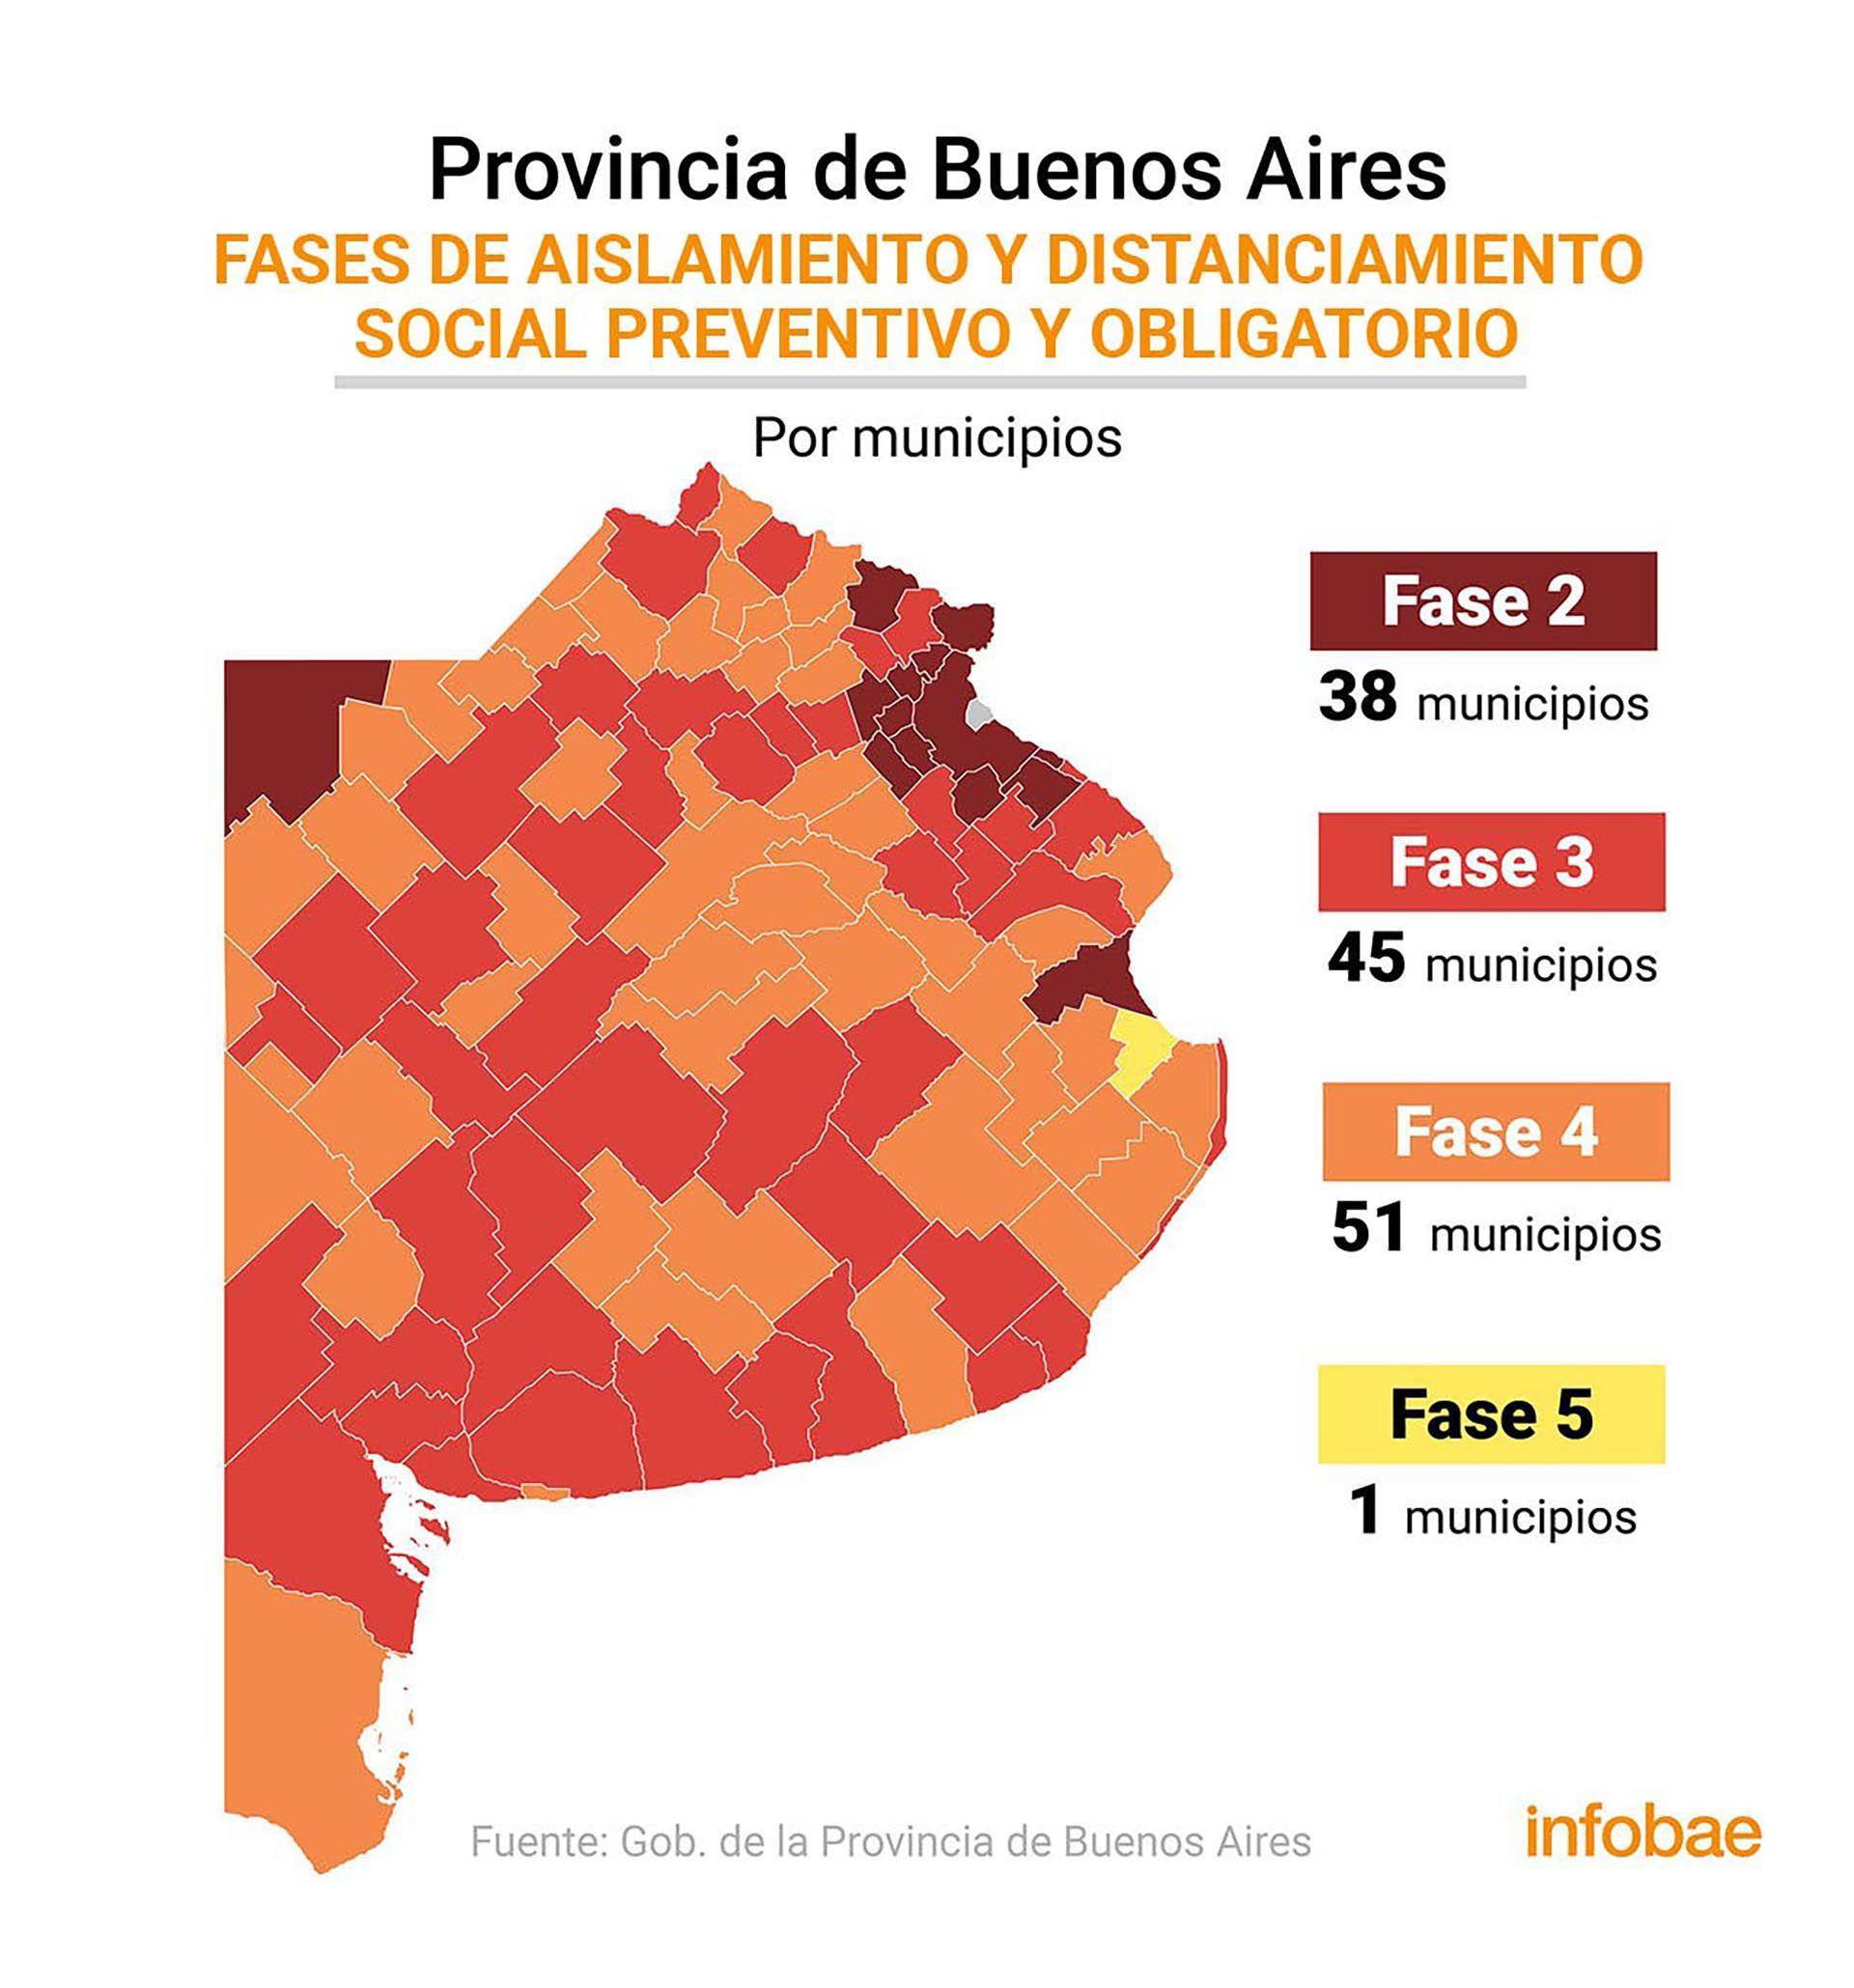 Sistema de fases en los municipios en la provincia de Buenos Aires